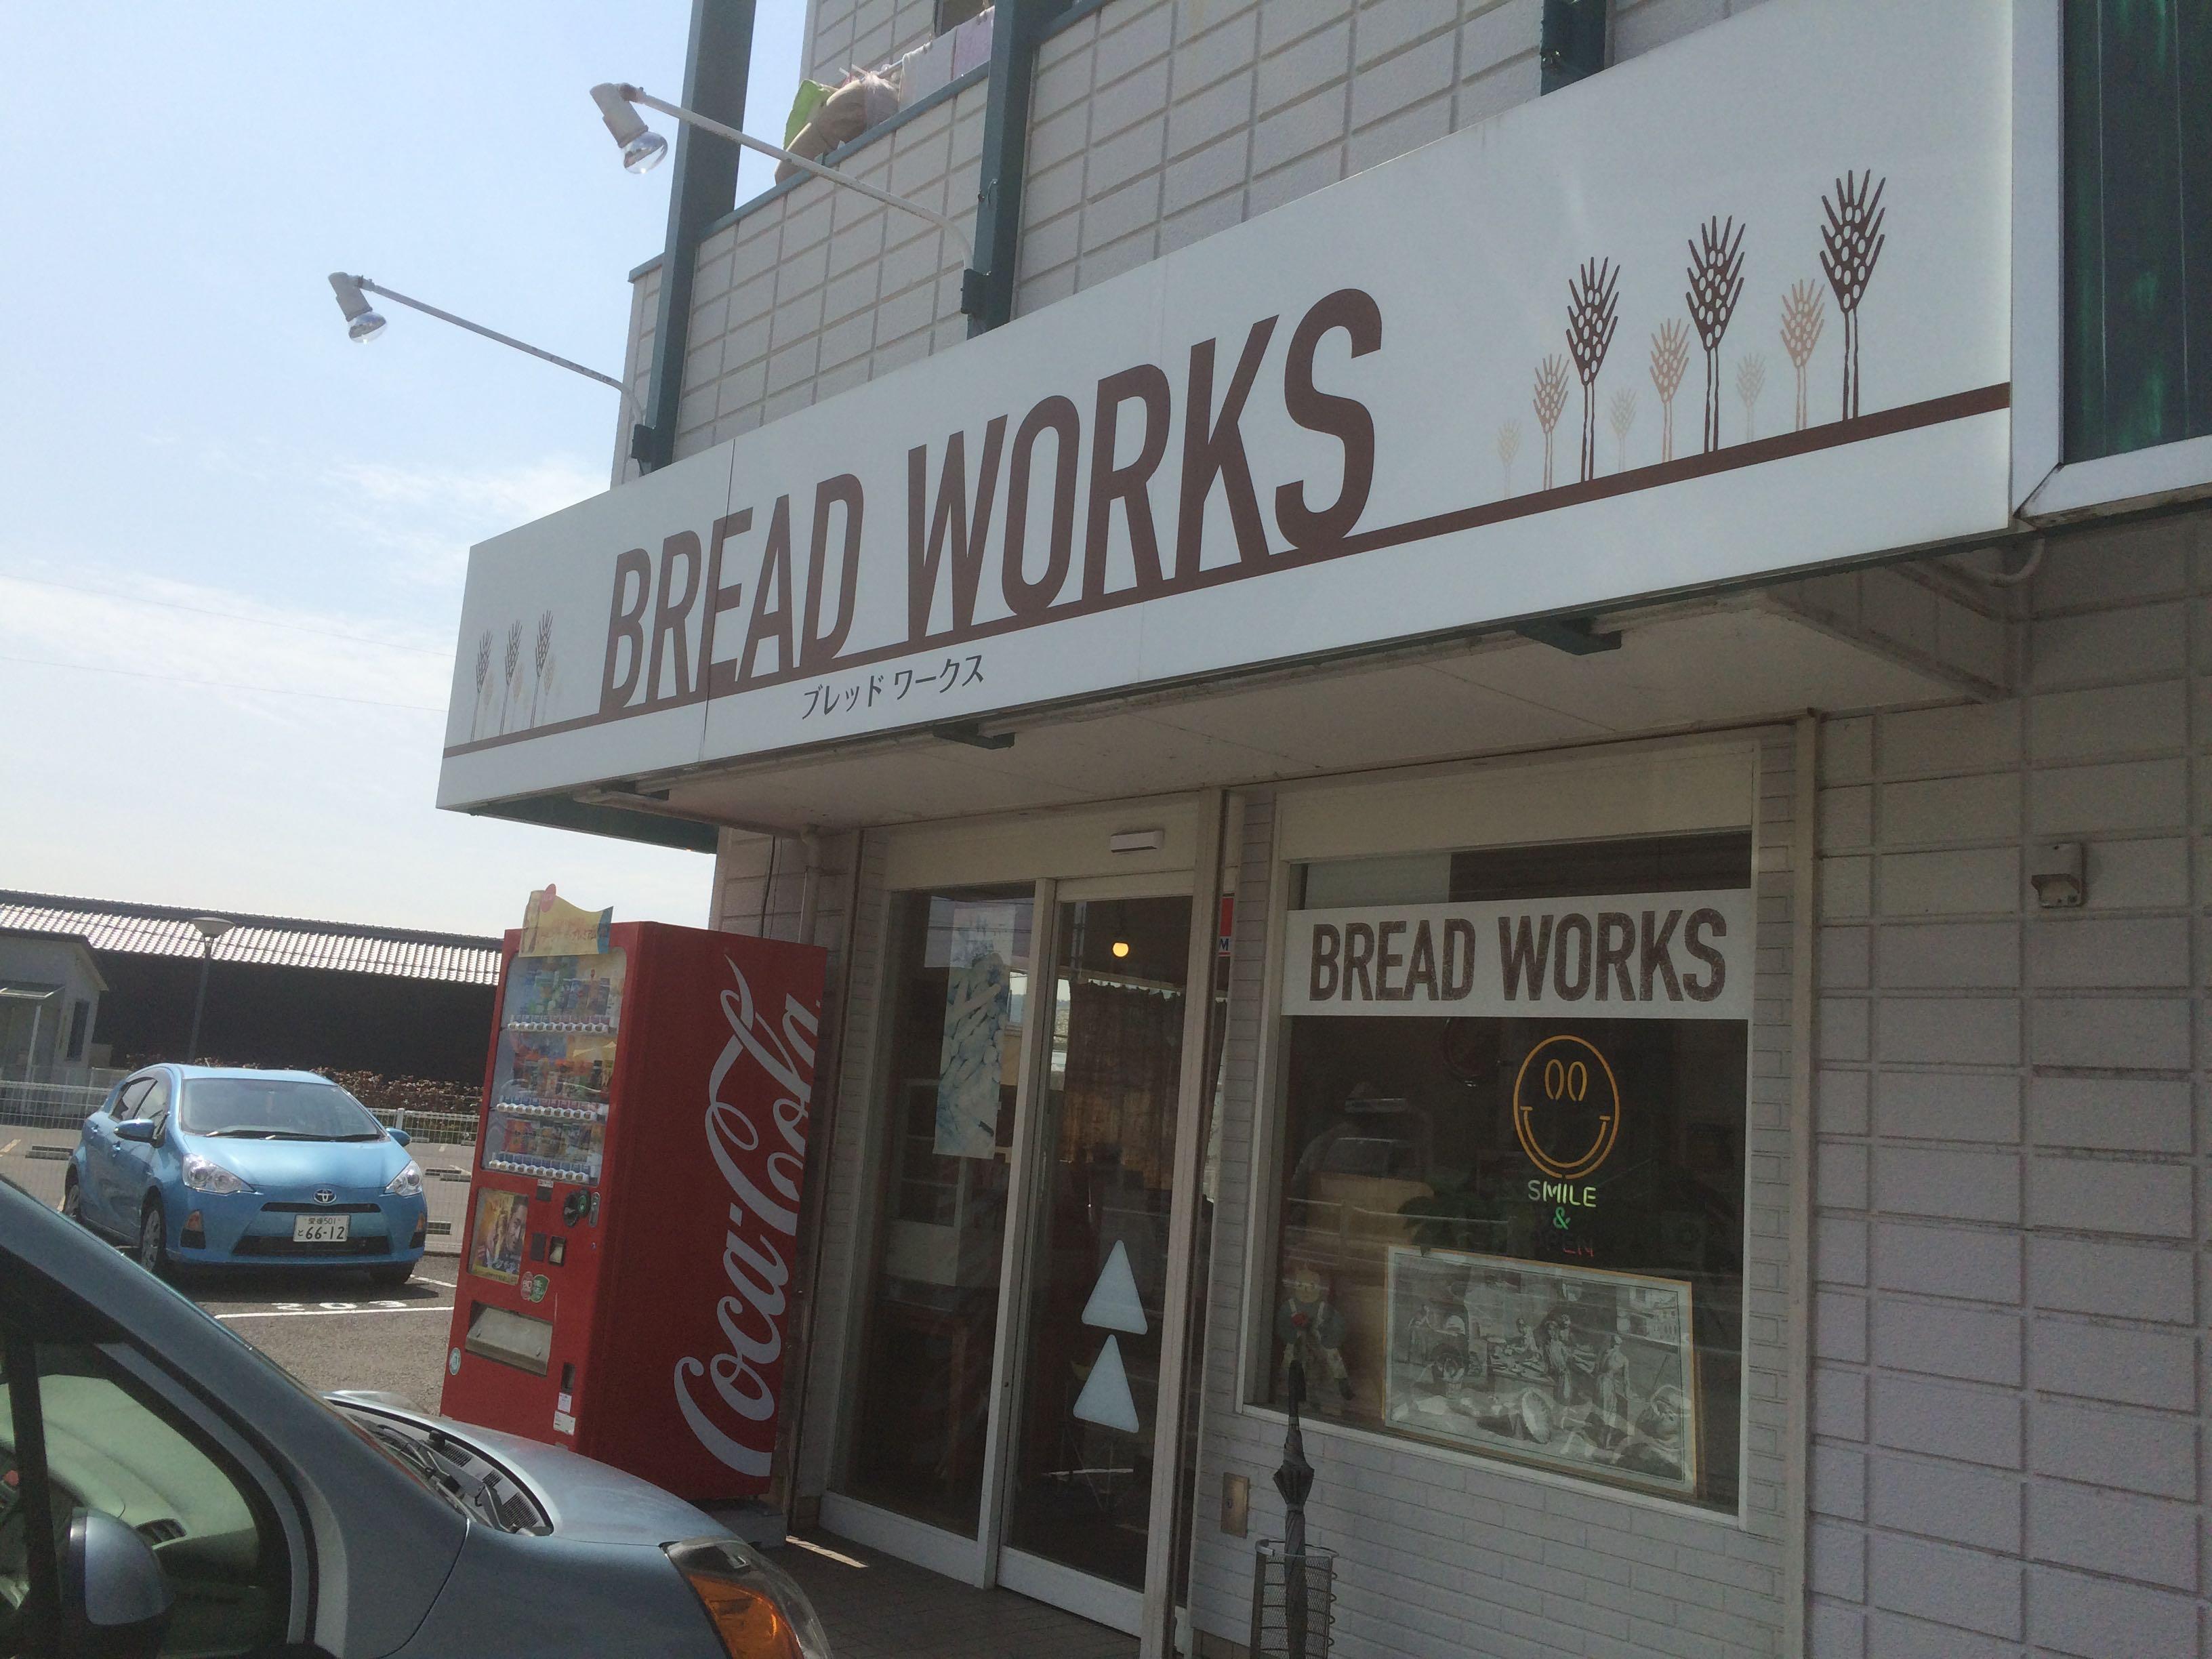 みとん今治,BREAD WORKS,小泉,パン